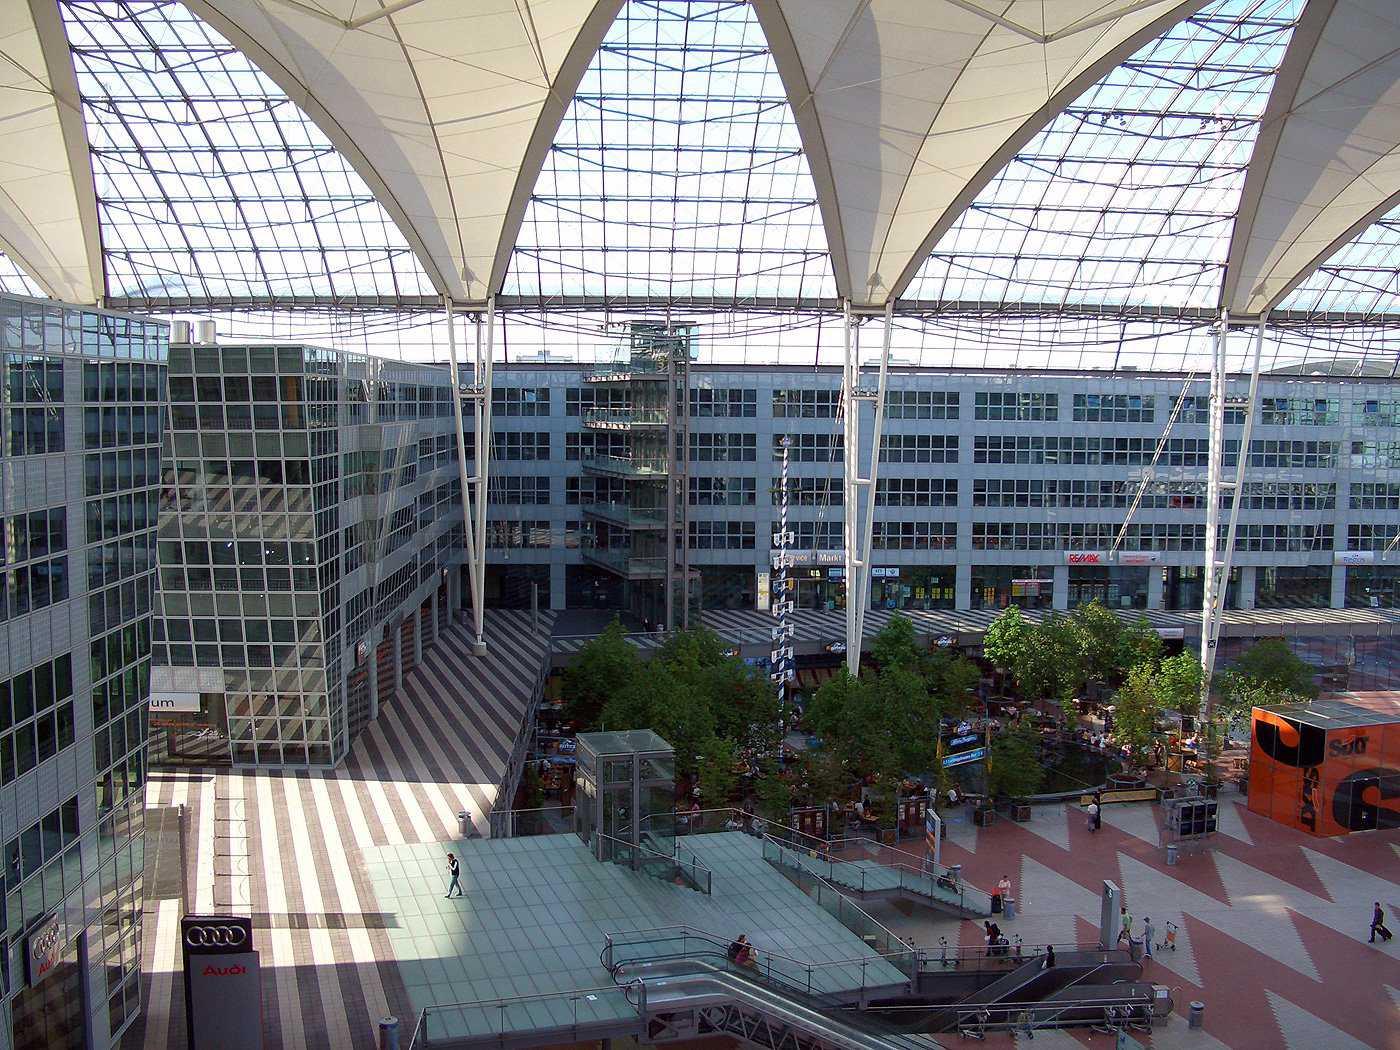 3. Munich Airport (MUC)